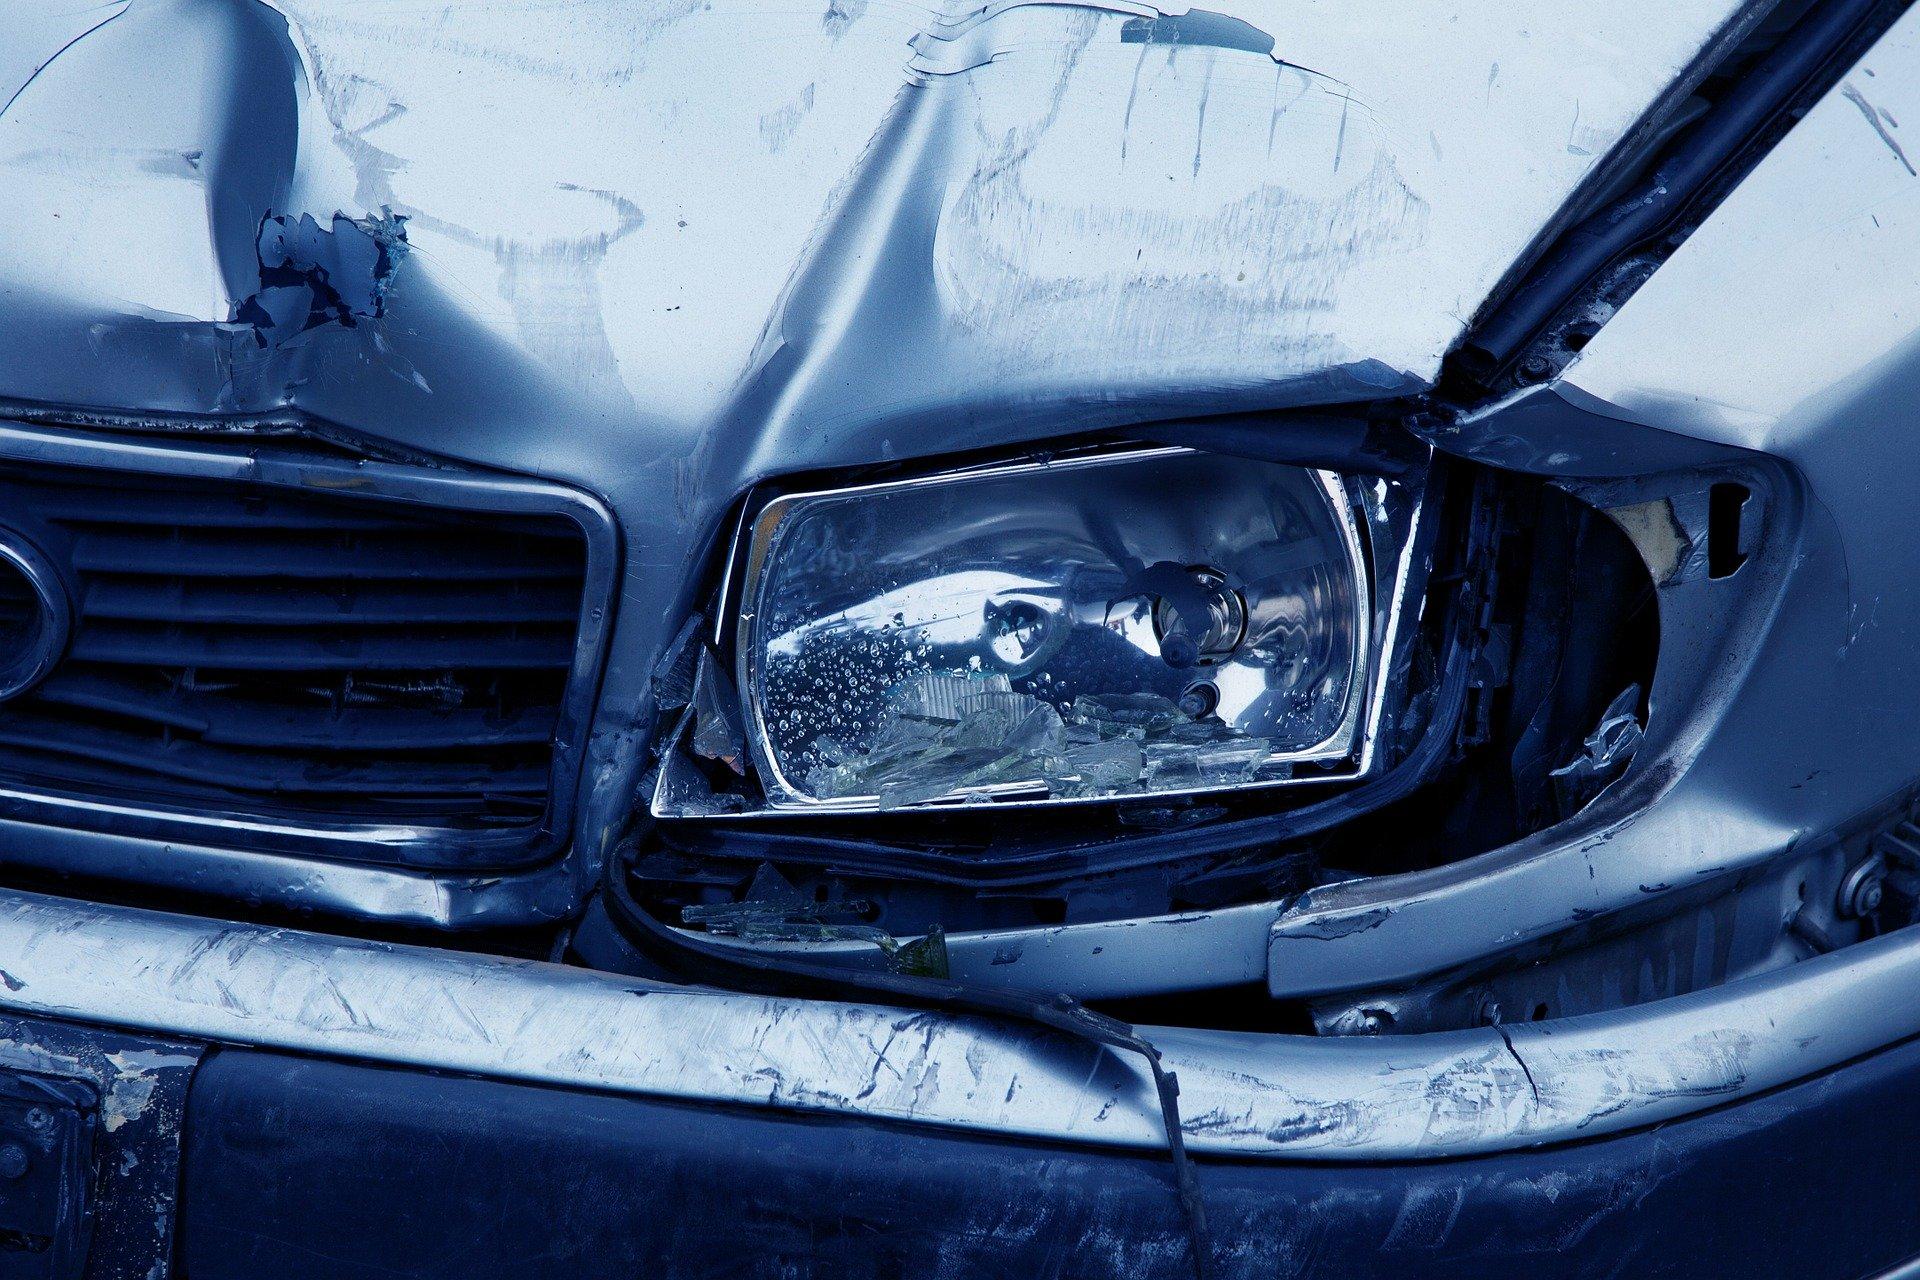 Abogados málaga accidente de tráfico múltiple